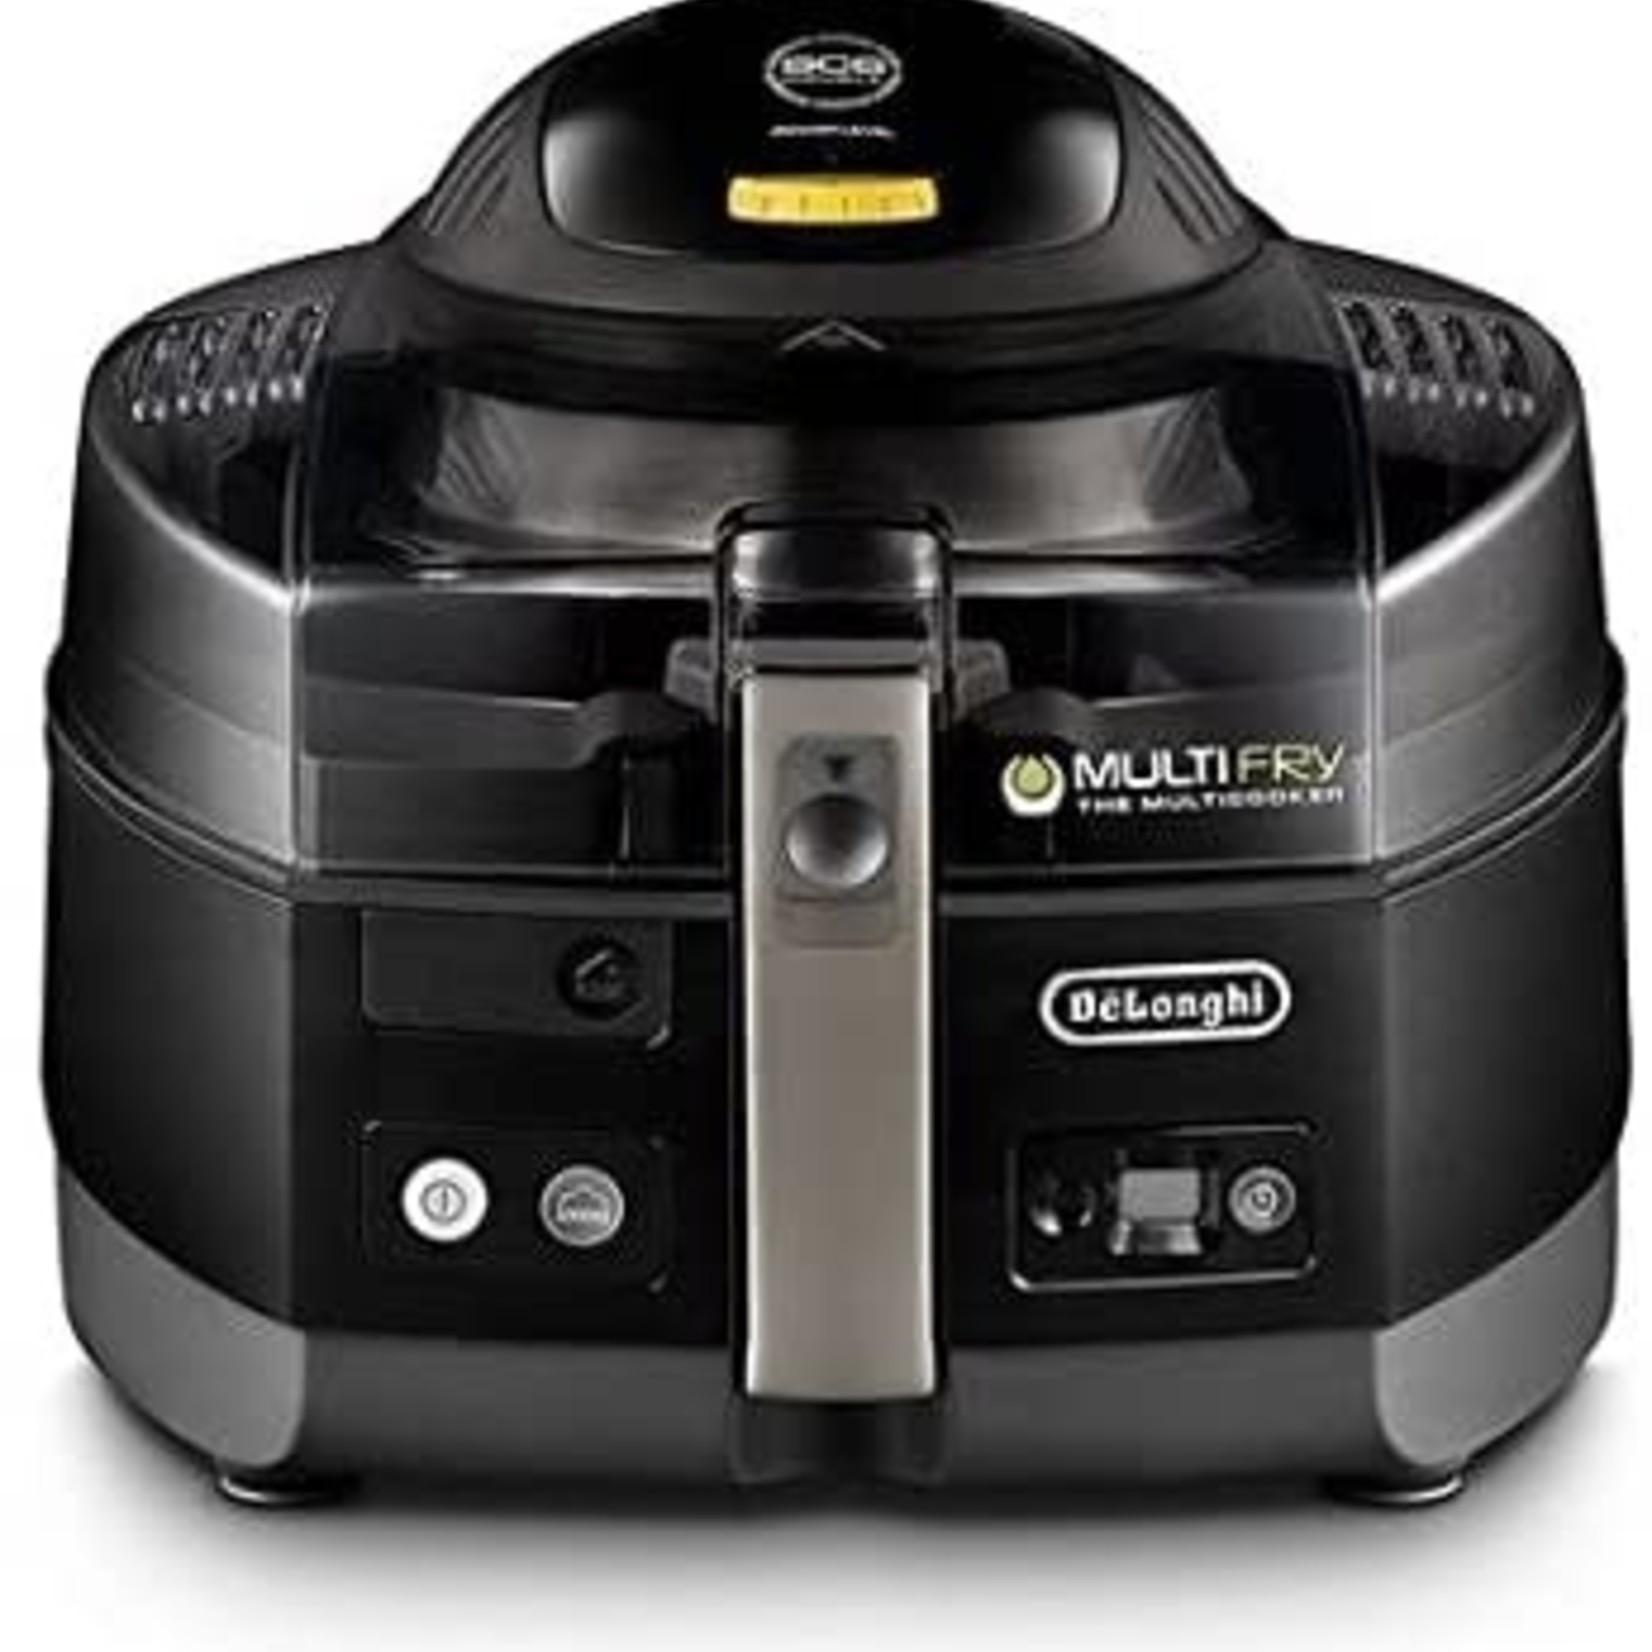 DeLonghi Multi Fry Multicooker *Open Box Like new